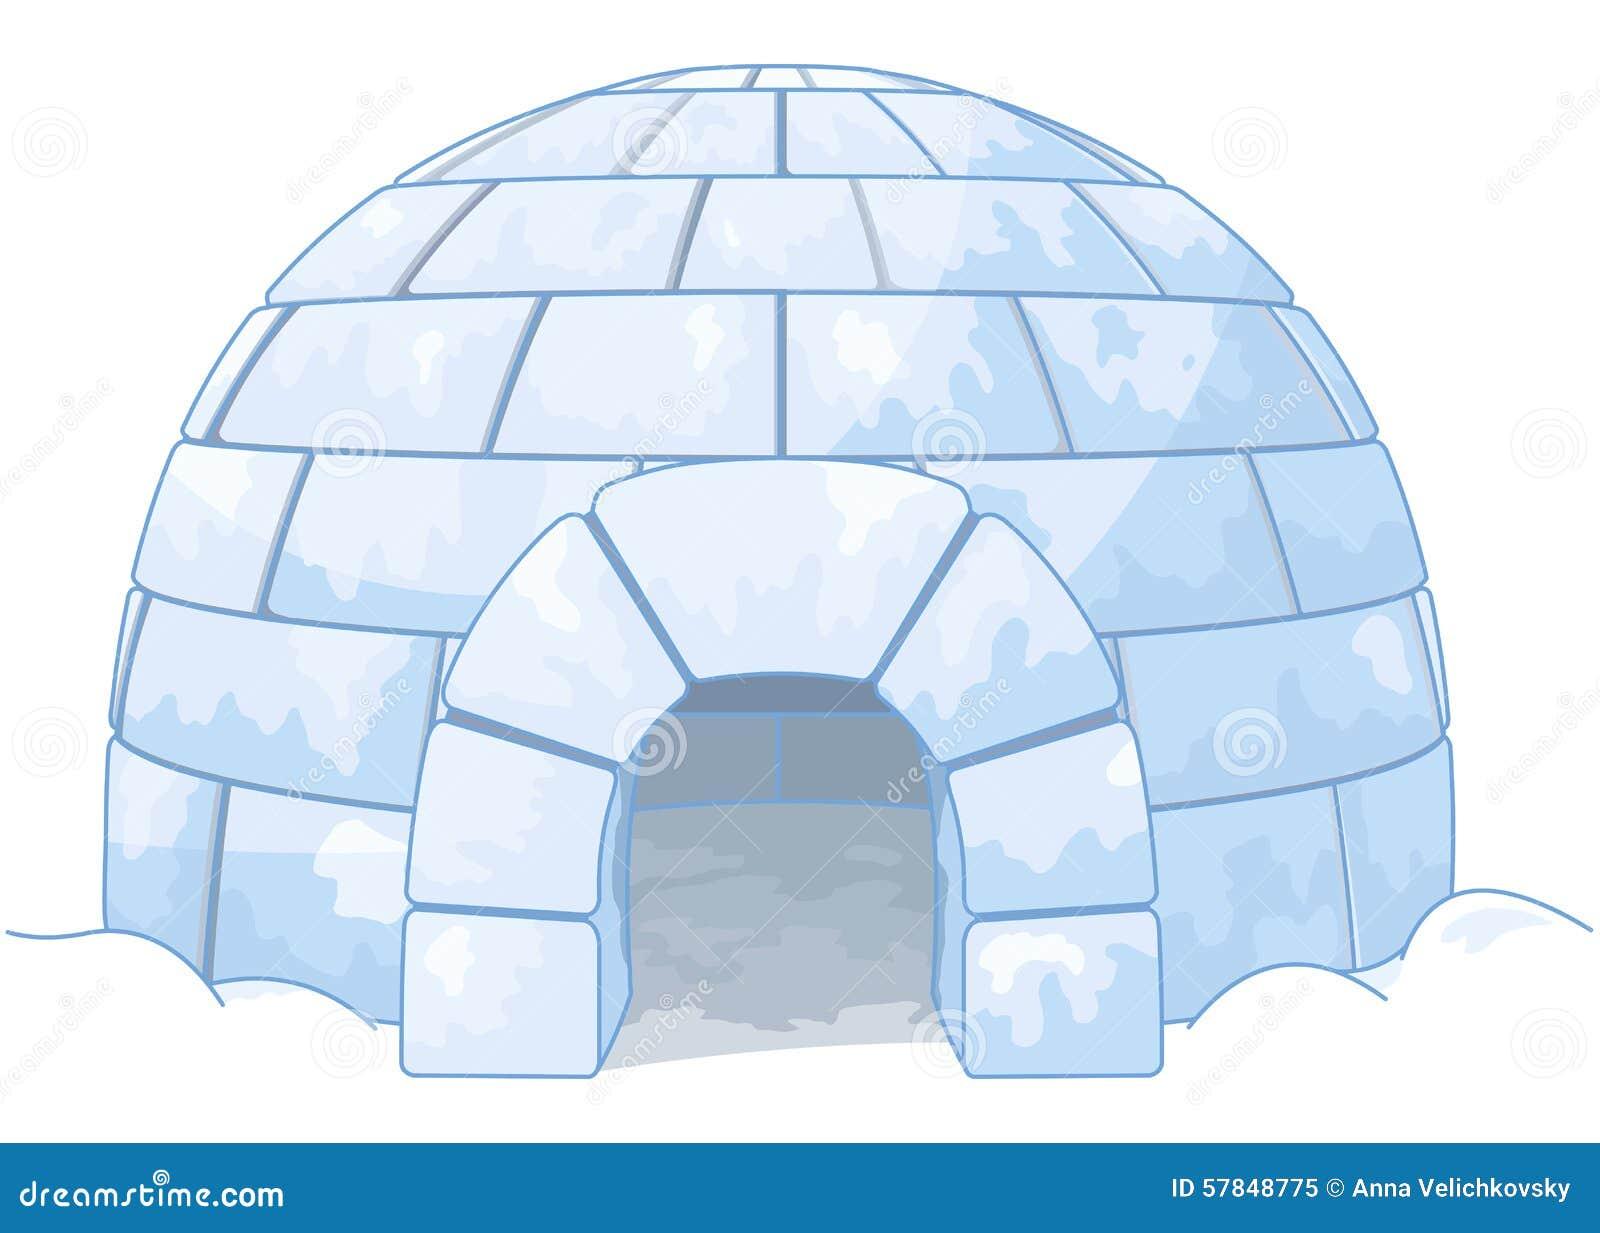 Iglú Ilustración del Vector Imagen: 57848775 #2466A7 1300x1019 Banheiro De Gato Iglu